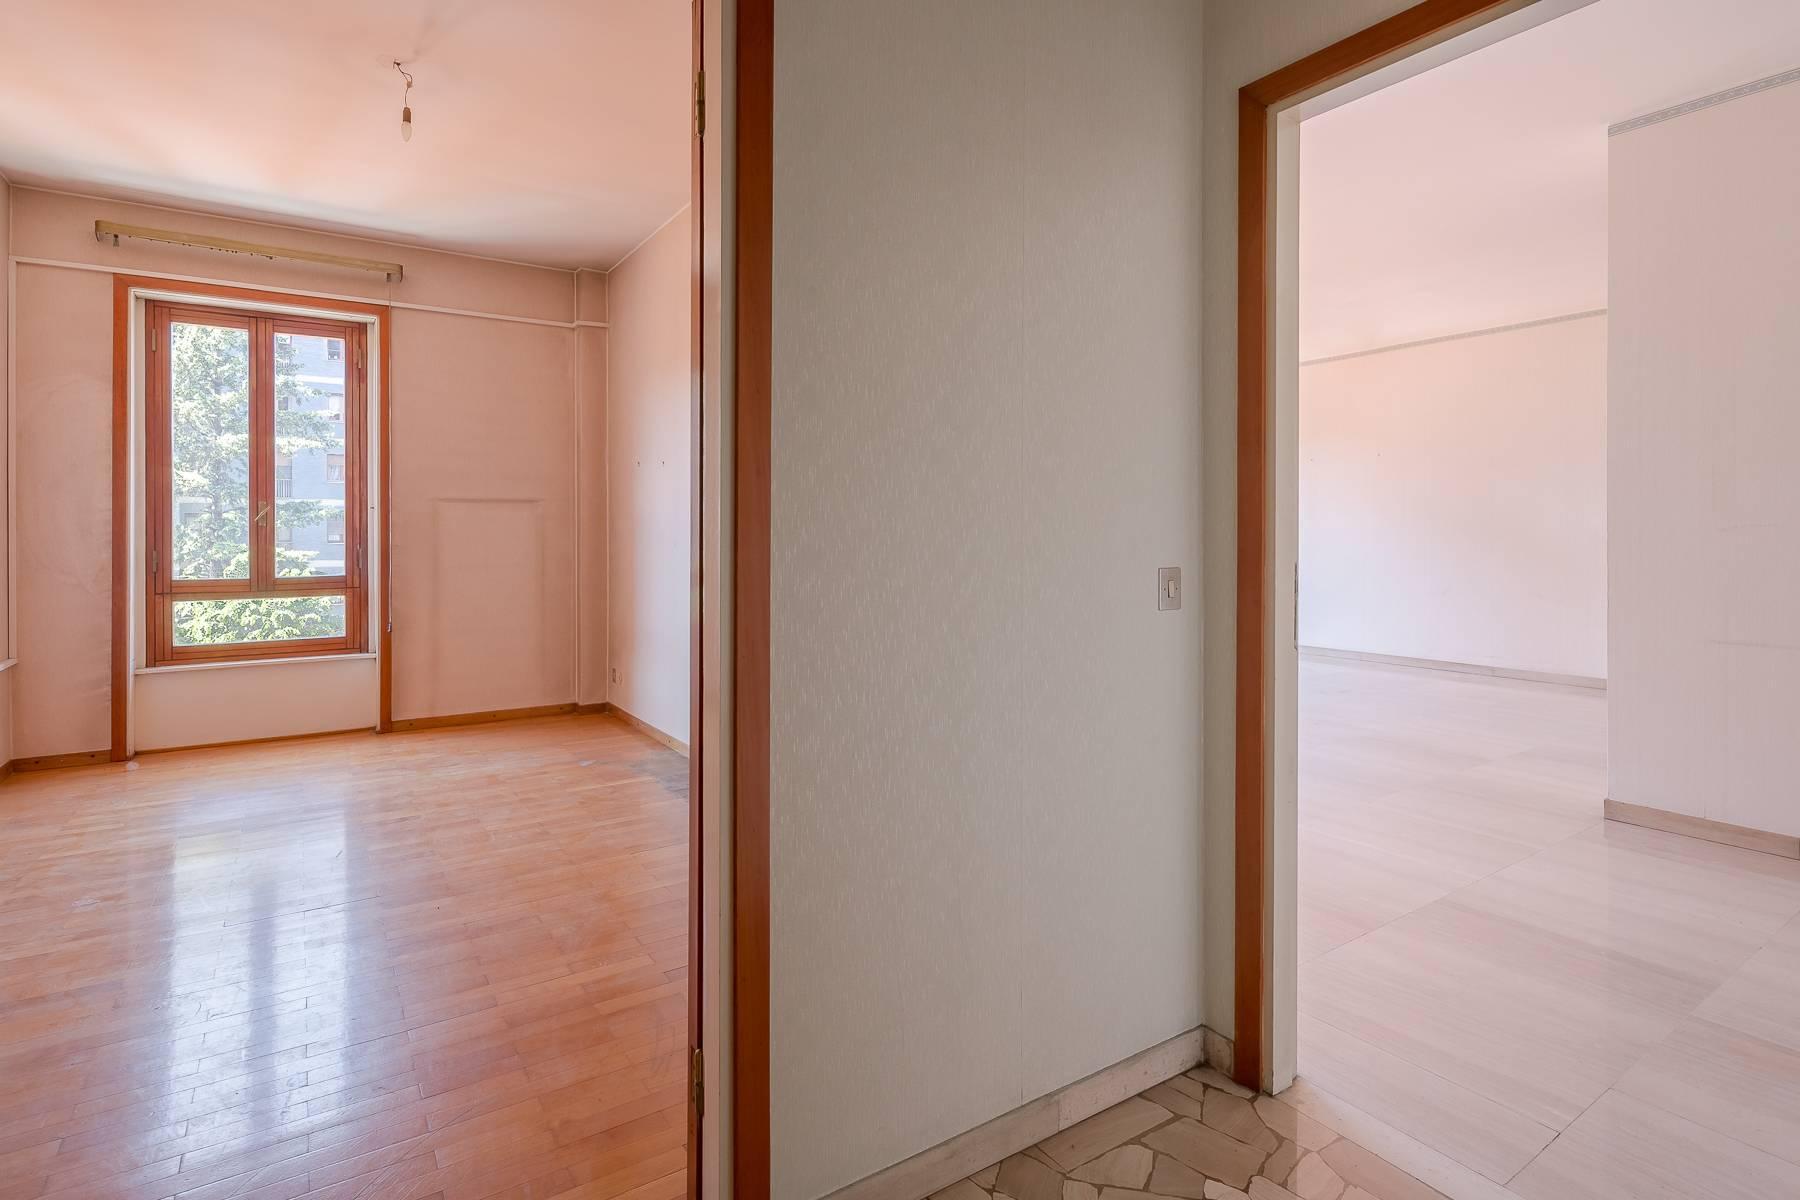 Appartamento in Vendita a Milano: 5 locali, 150 mq - Foto 8